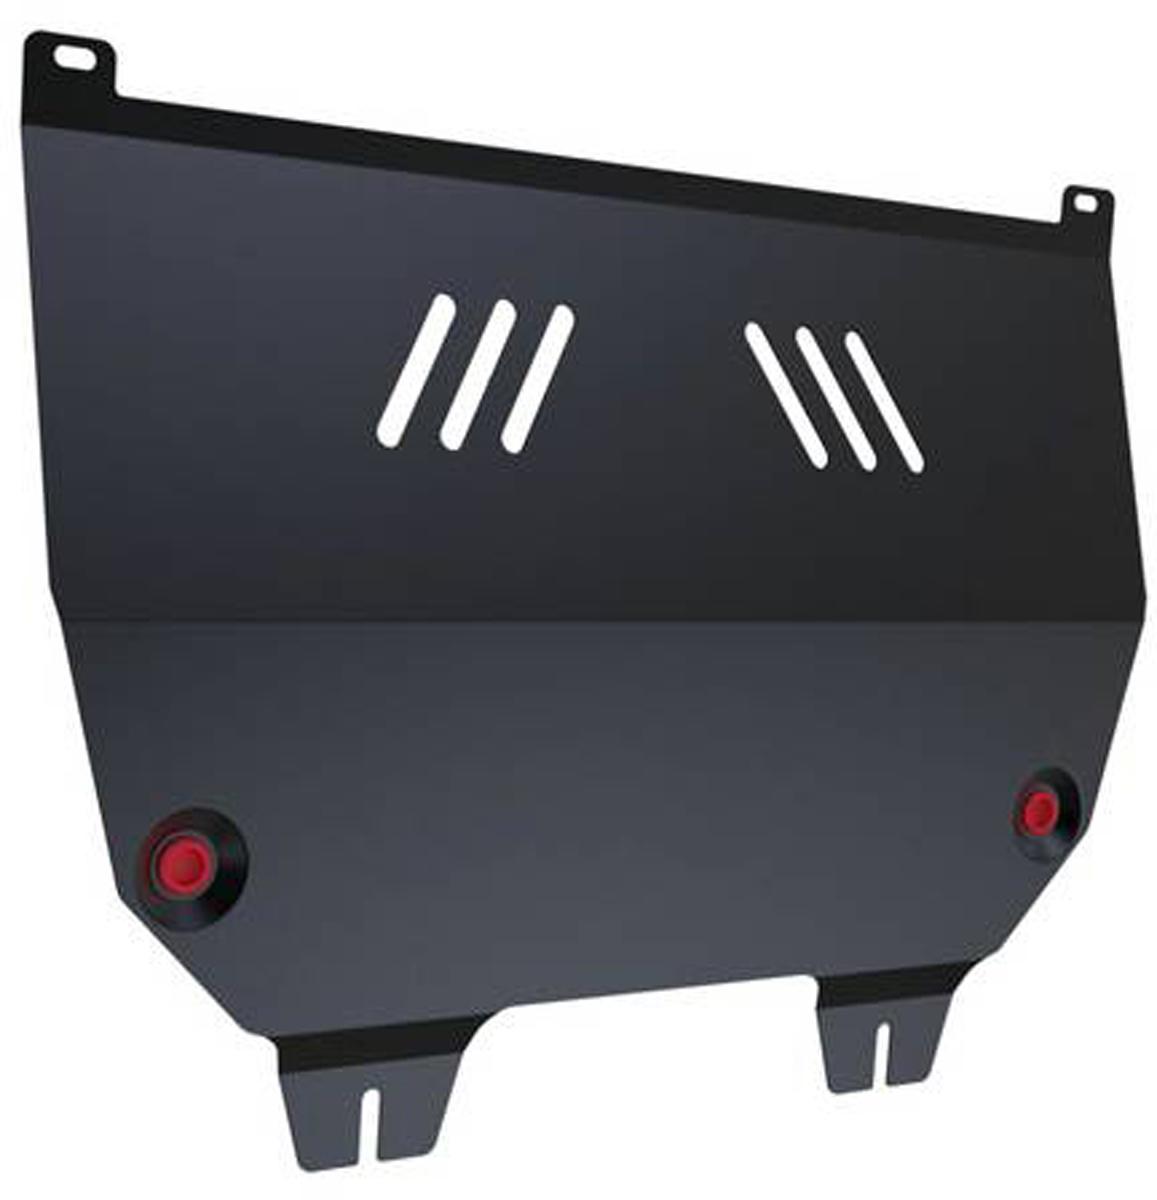 Защита картера и КПП Автоброня Peugeot 307 2001-2008, сталь 2 мм111.04304.1Защита картера и КПП Автоброня Peugeot 307 2001-2008, сталь 2 мм, комплект крепежа, 111.04304.1Стальные защиты Автоброня надежно защищают ваш автомобиль от повреждений при наезде на бордюры, выступающие канализационные люки, кромки поврежденного асфальта или при ремонте дорог, не говоря уже о загородных дорогах. - Имеют оптимальное соотношение цена-качество. - Спроектированы с учетом особенностей автомобиля, что делает установку удобной. - Защита устанавливается в штатные места кузова автомобиля. - Является надежной защитой для важных элементов на протяжении долгих лет. - Глубокий штамп дополнительно усиливает конструкцию защиты. - Подштамповка в местах крепления защищает крепеж от срезания. - Технологические отверстия там, где они необходимы для смены масла и слива воды, оборудованные заглушками, закрепленными на защите. Толщина стали 2 мм. В комплекте крепеж и инструкция по установке.